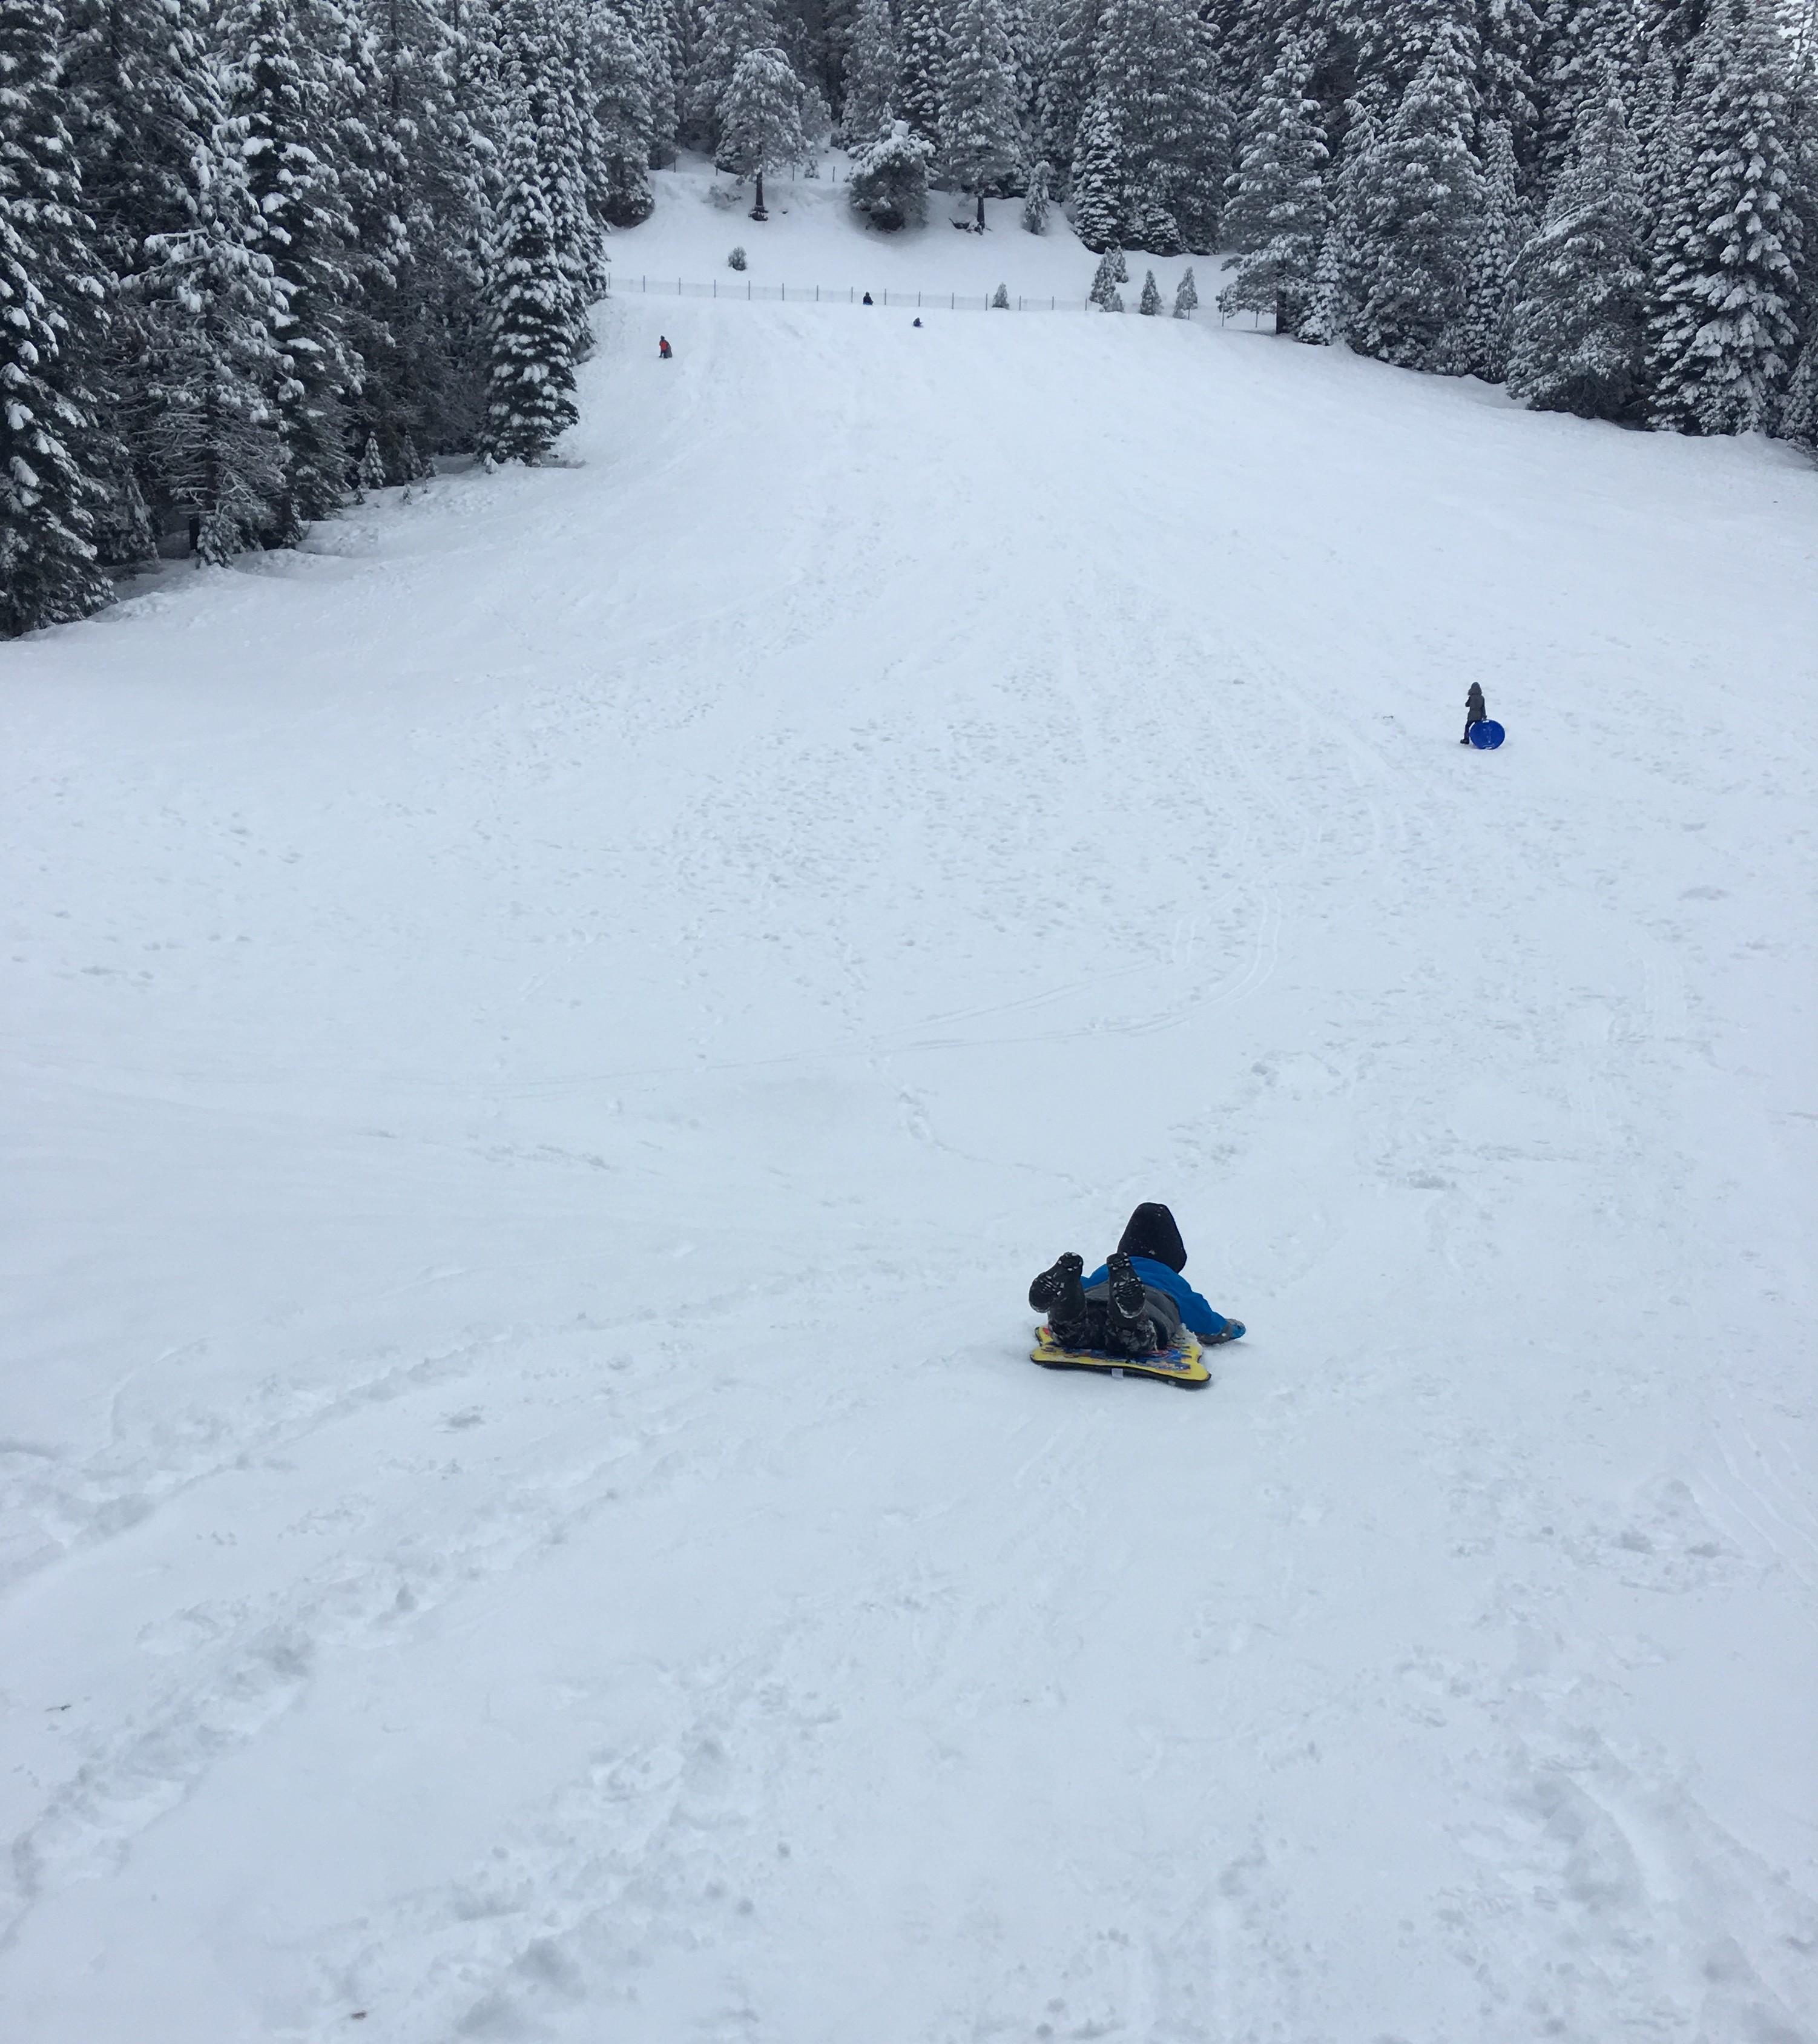 eskimo hill archmom com